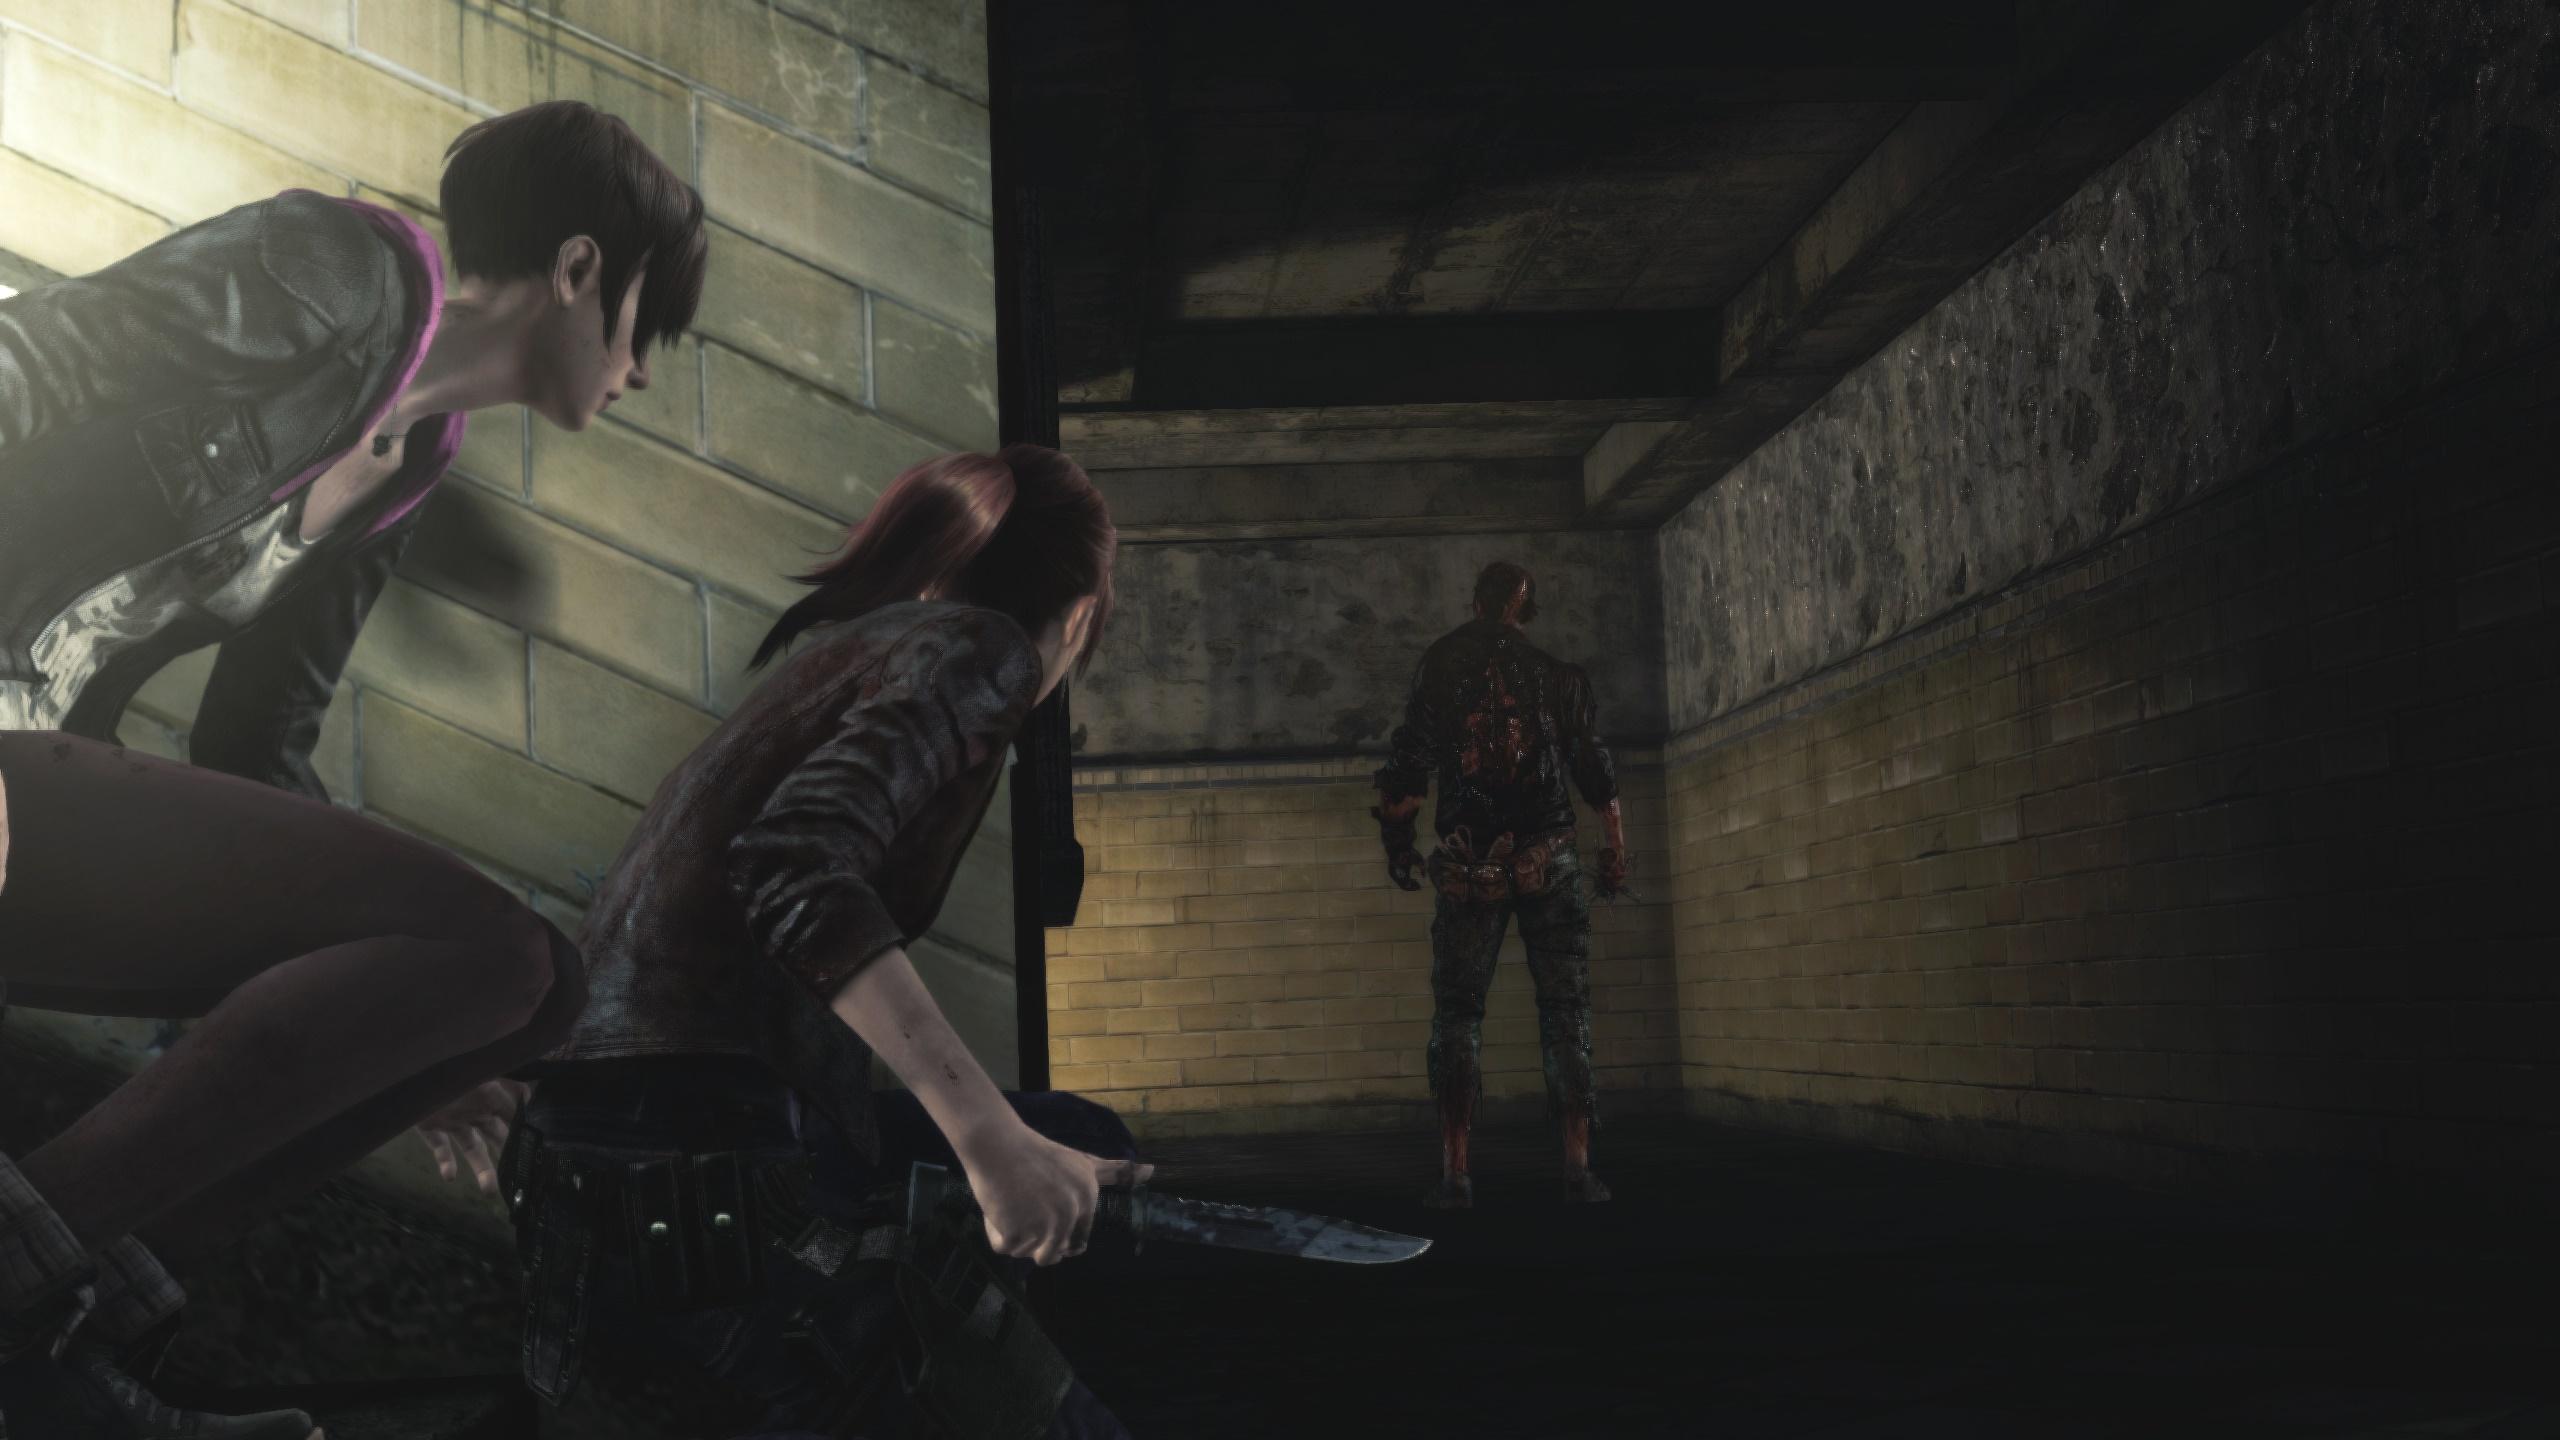 O terror ressurge em novas telas de Resident Evil: Revelations 2